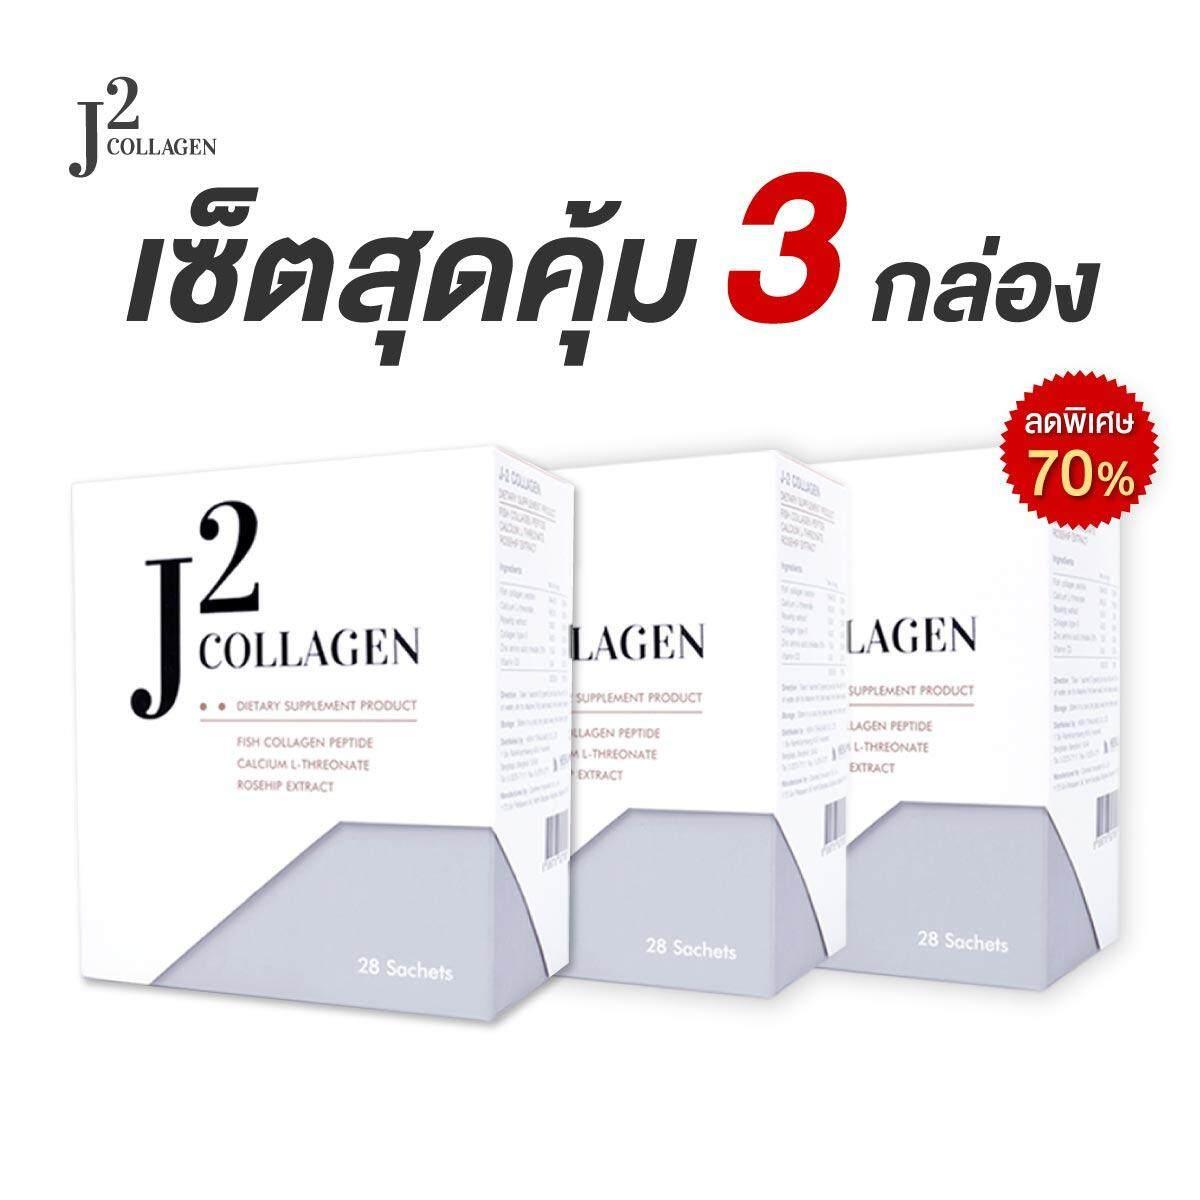 ขาย J2 Collagen เจย์ทู คอลลาเจน ช่วยบำรุงข้อเข่า ข้อต่อ กระดูก เซตสุดคุ้ม 3 กล่อง ถูก